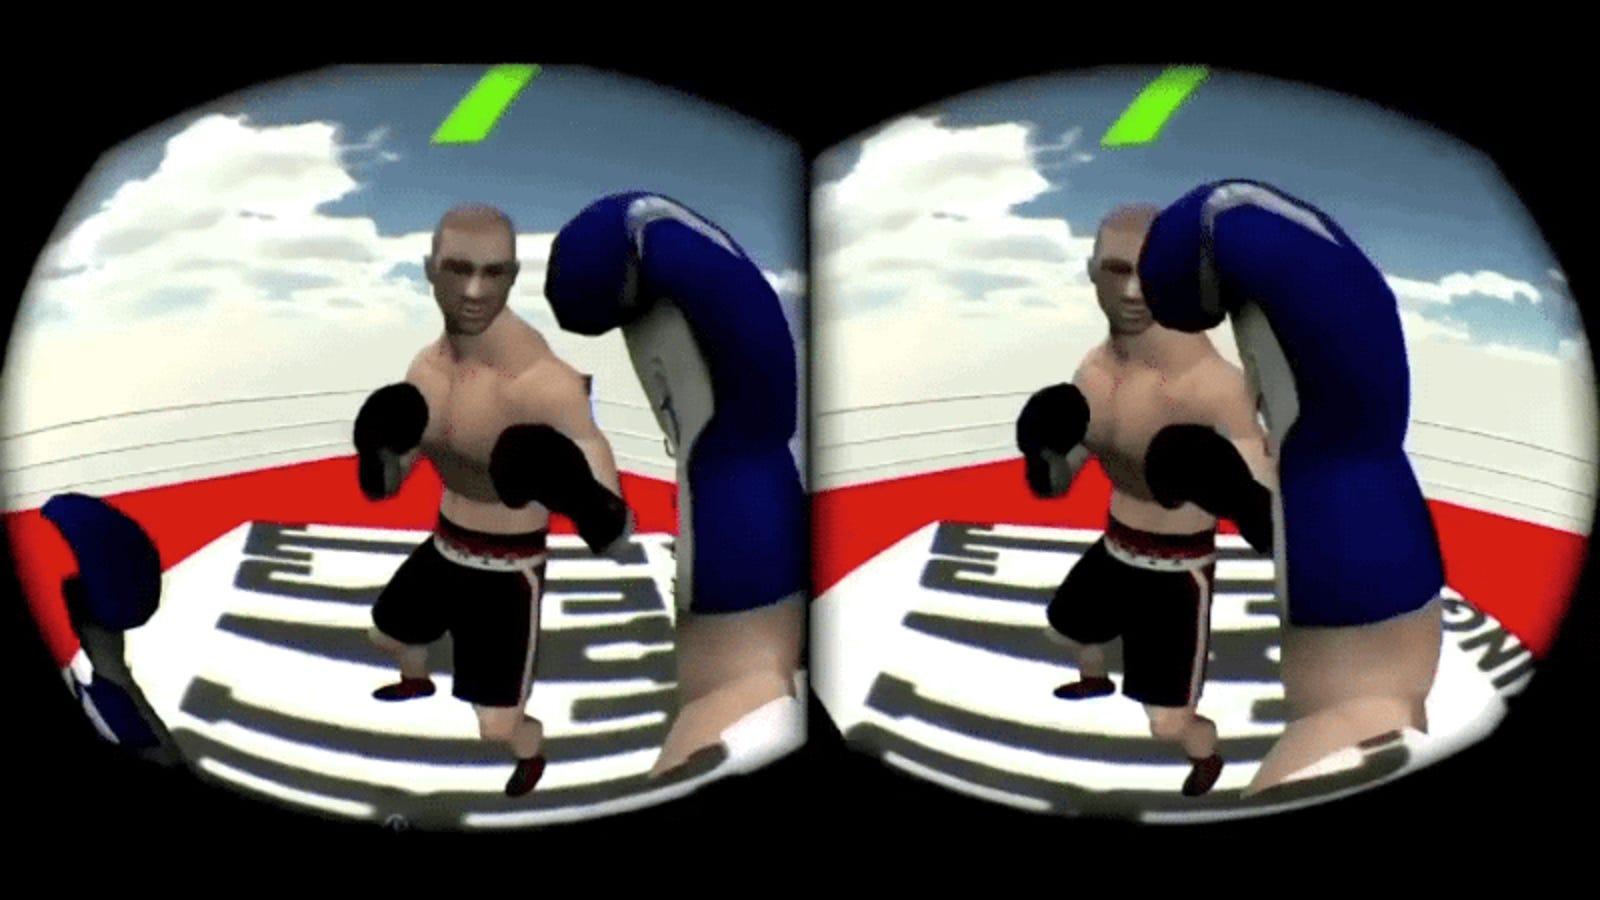 Sentir el impacto de un puñetazo, el añadido definitivo a la realidad virtual